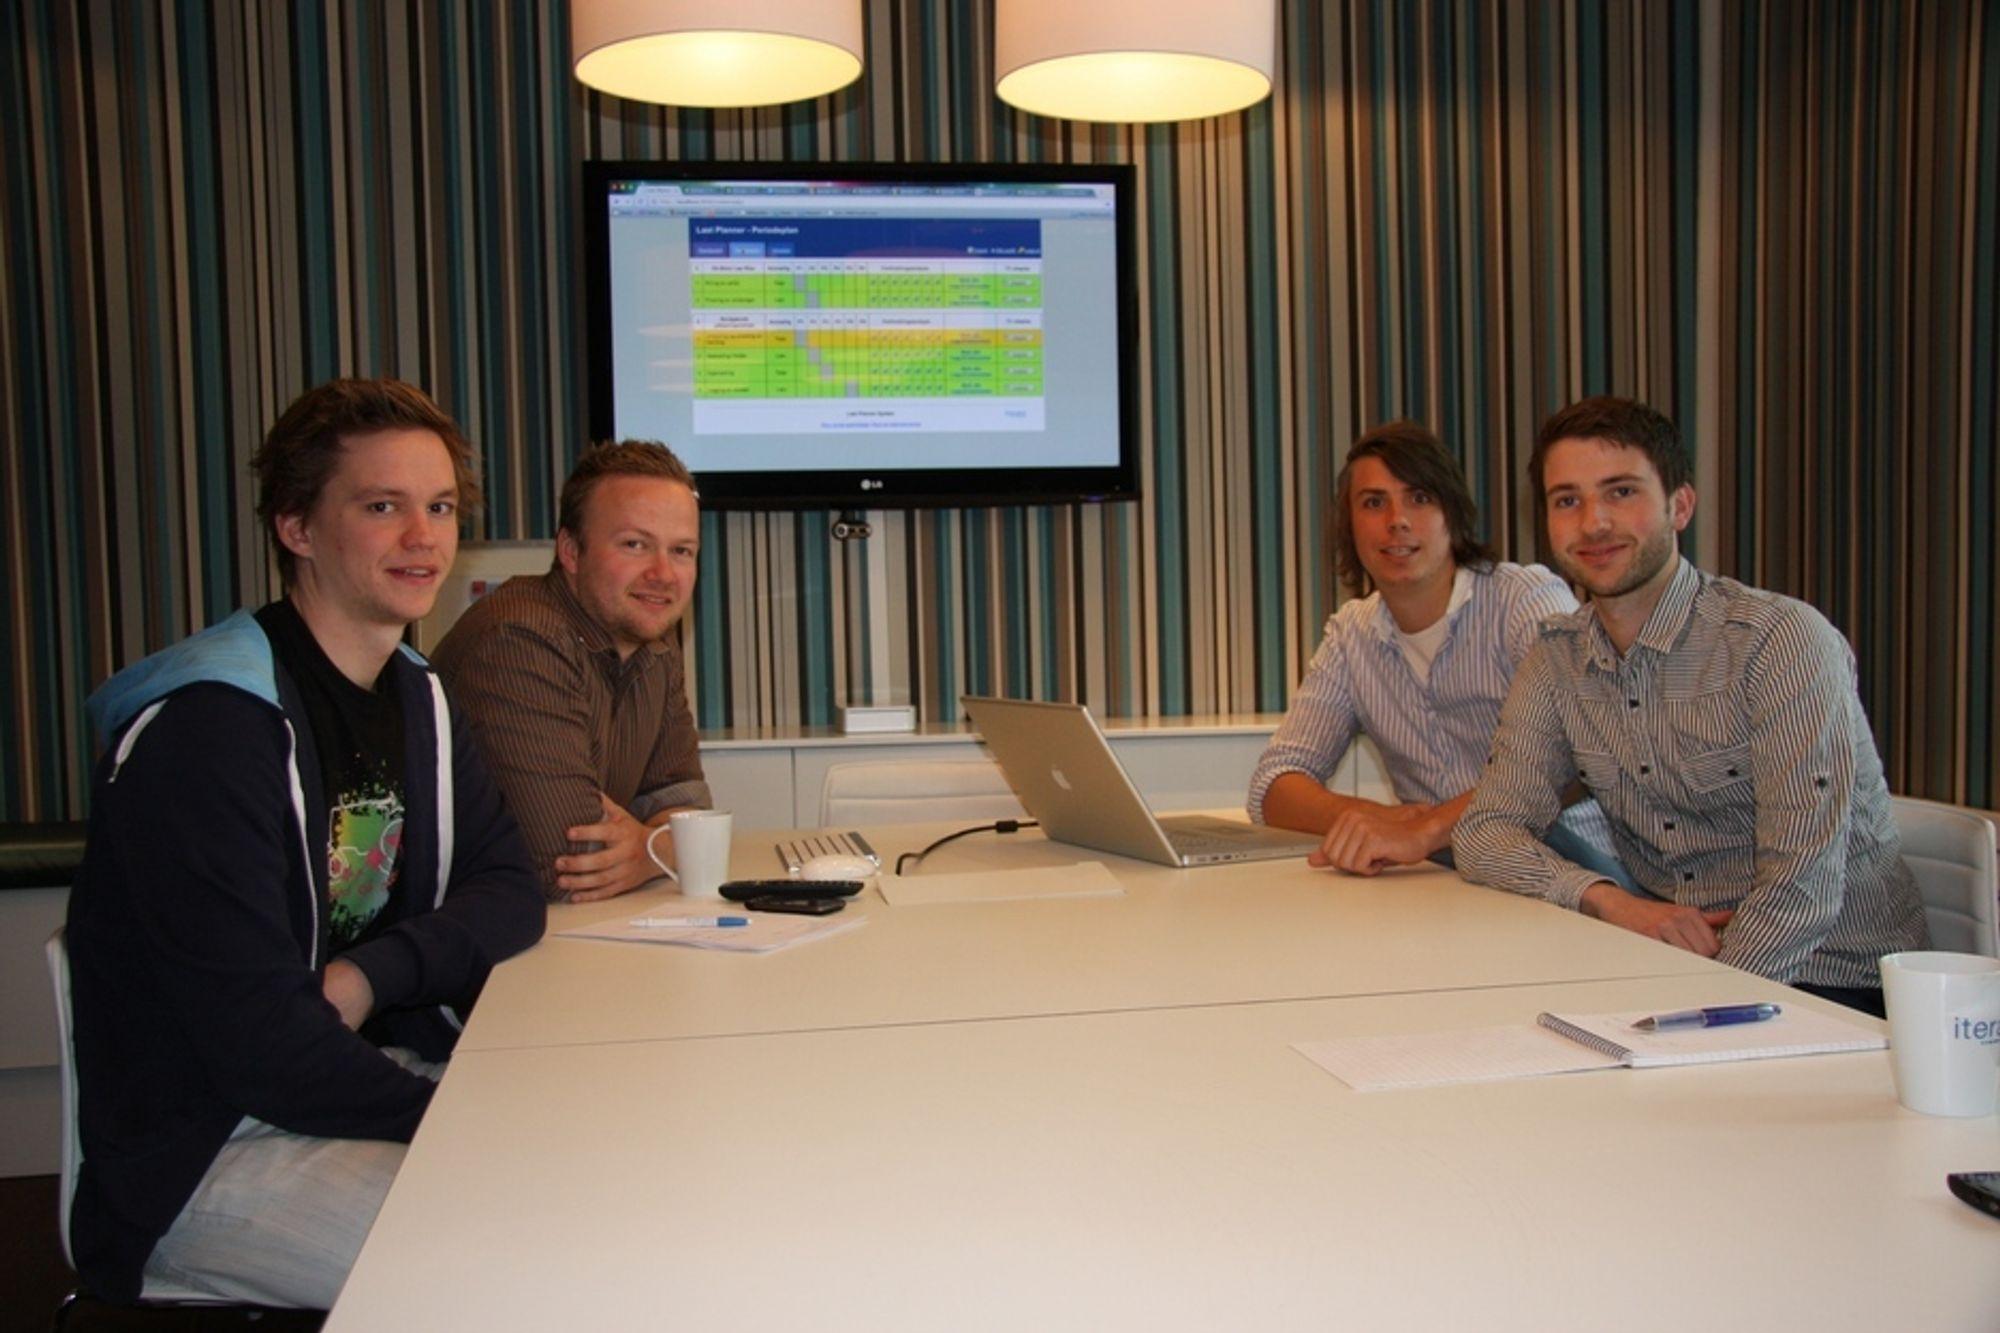 I GANG: Foran en skjerm med det første utkastet til den nye programvaren sitter, fra venstre, Morten Weel Johnsen, Anders Haugeto, Kristian Klette og Pål Ruud.